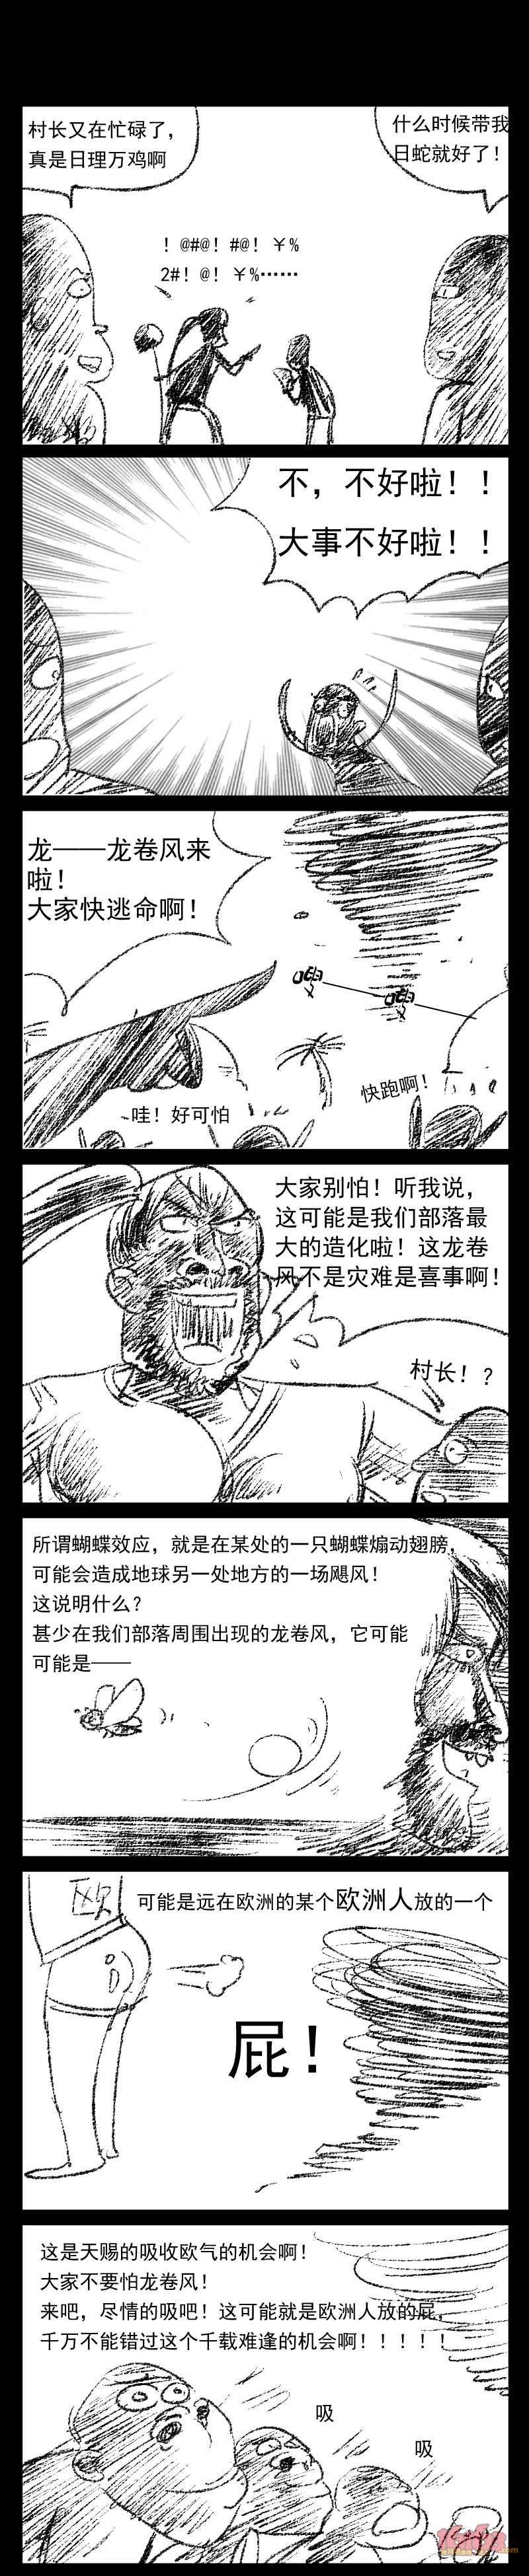 阴阳师条漫12副本.jpg